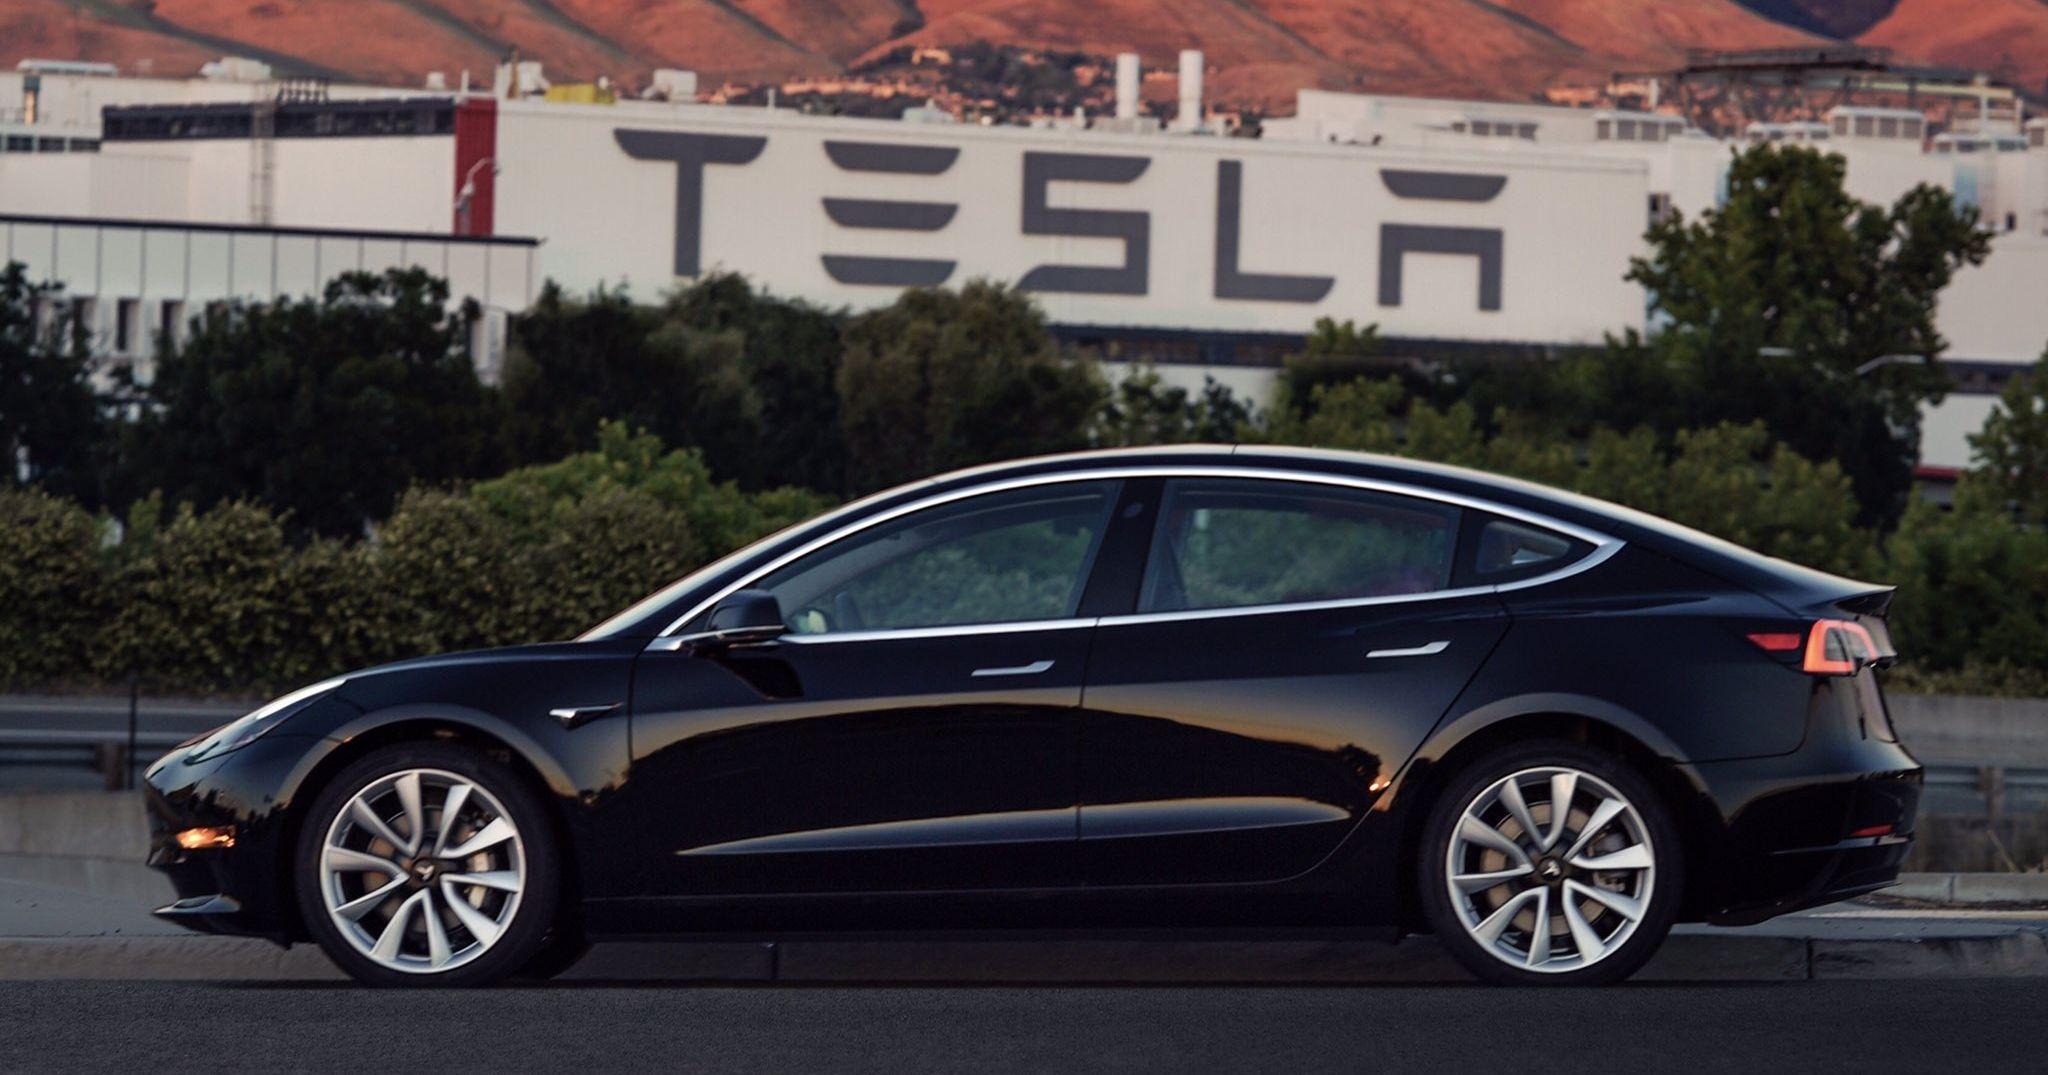 35000 Car Loan >> Tesla Model 3 Long Range rear-wheel drive axed